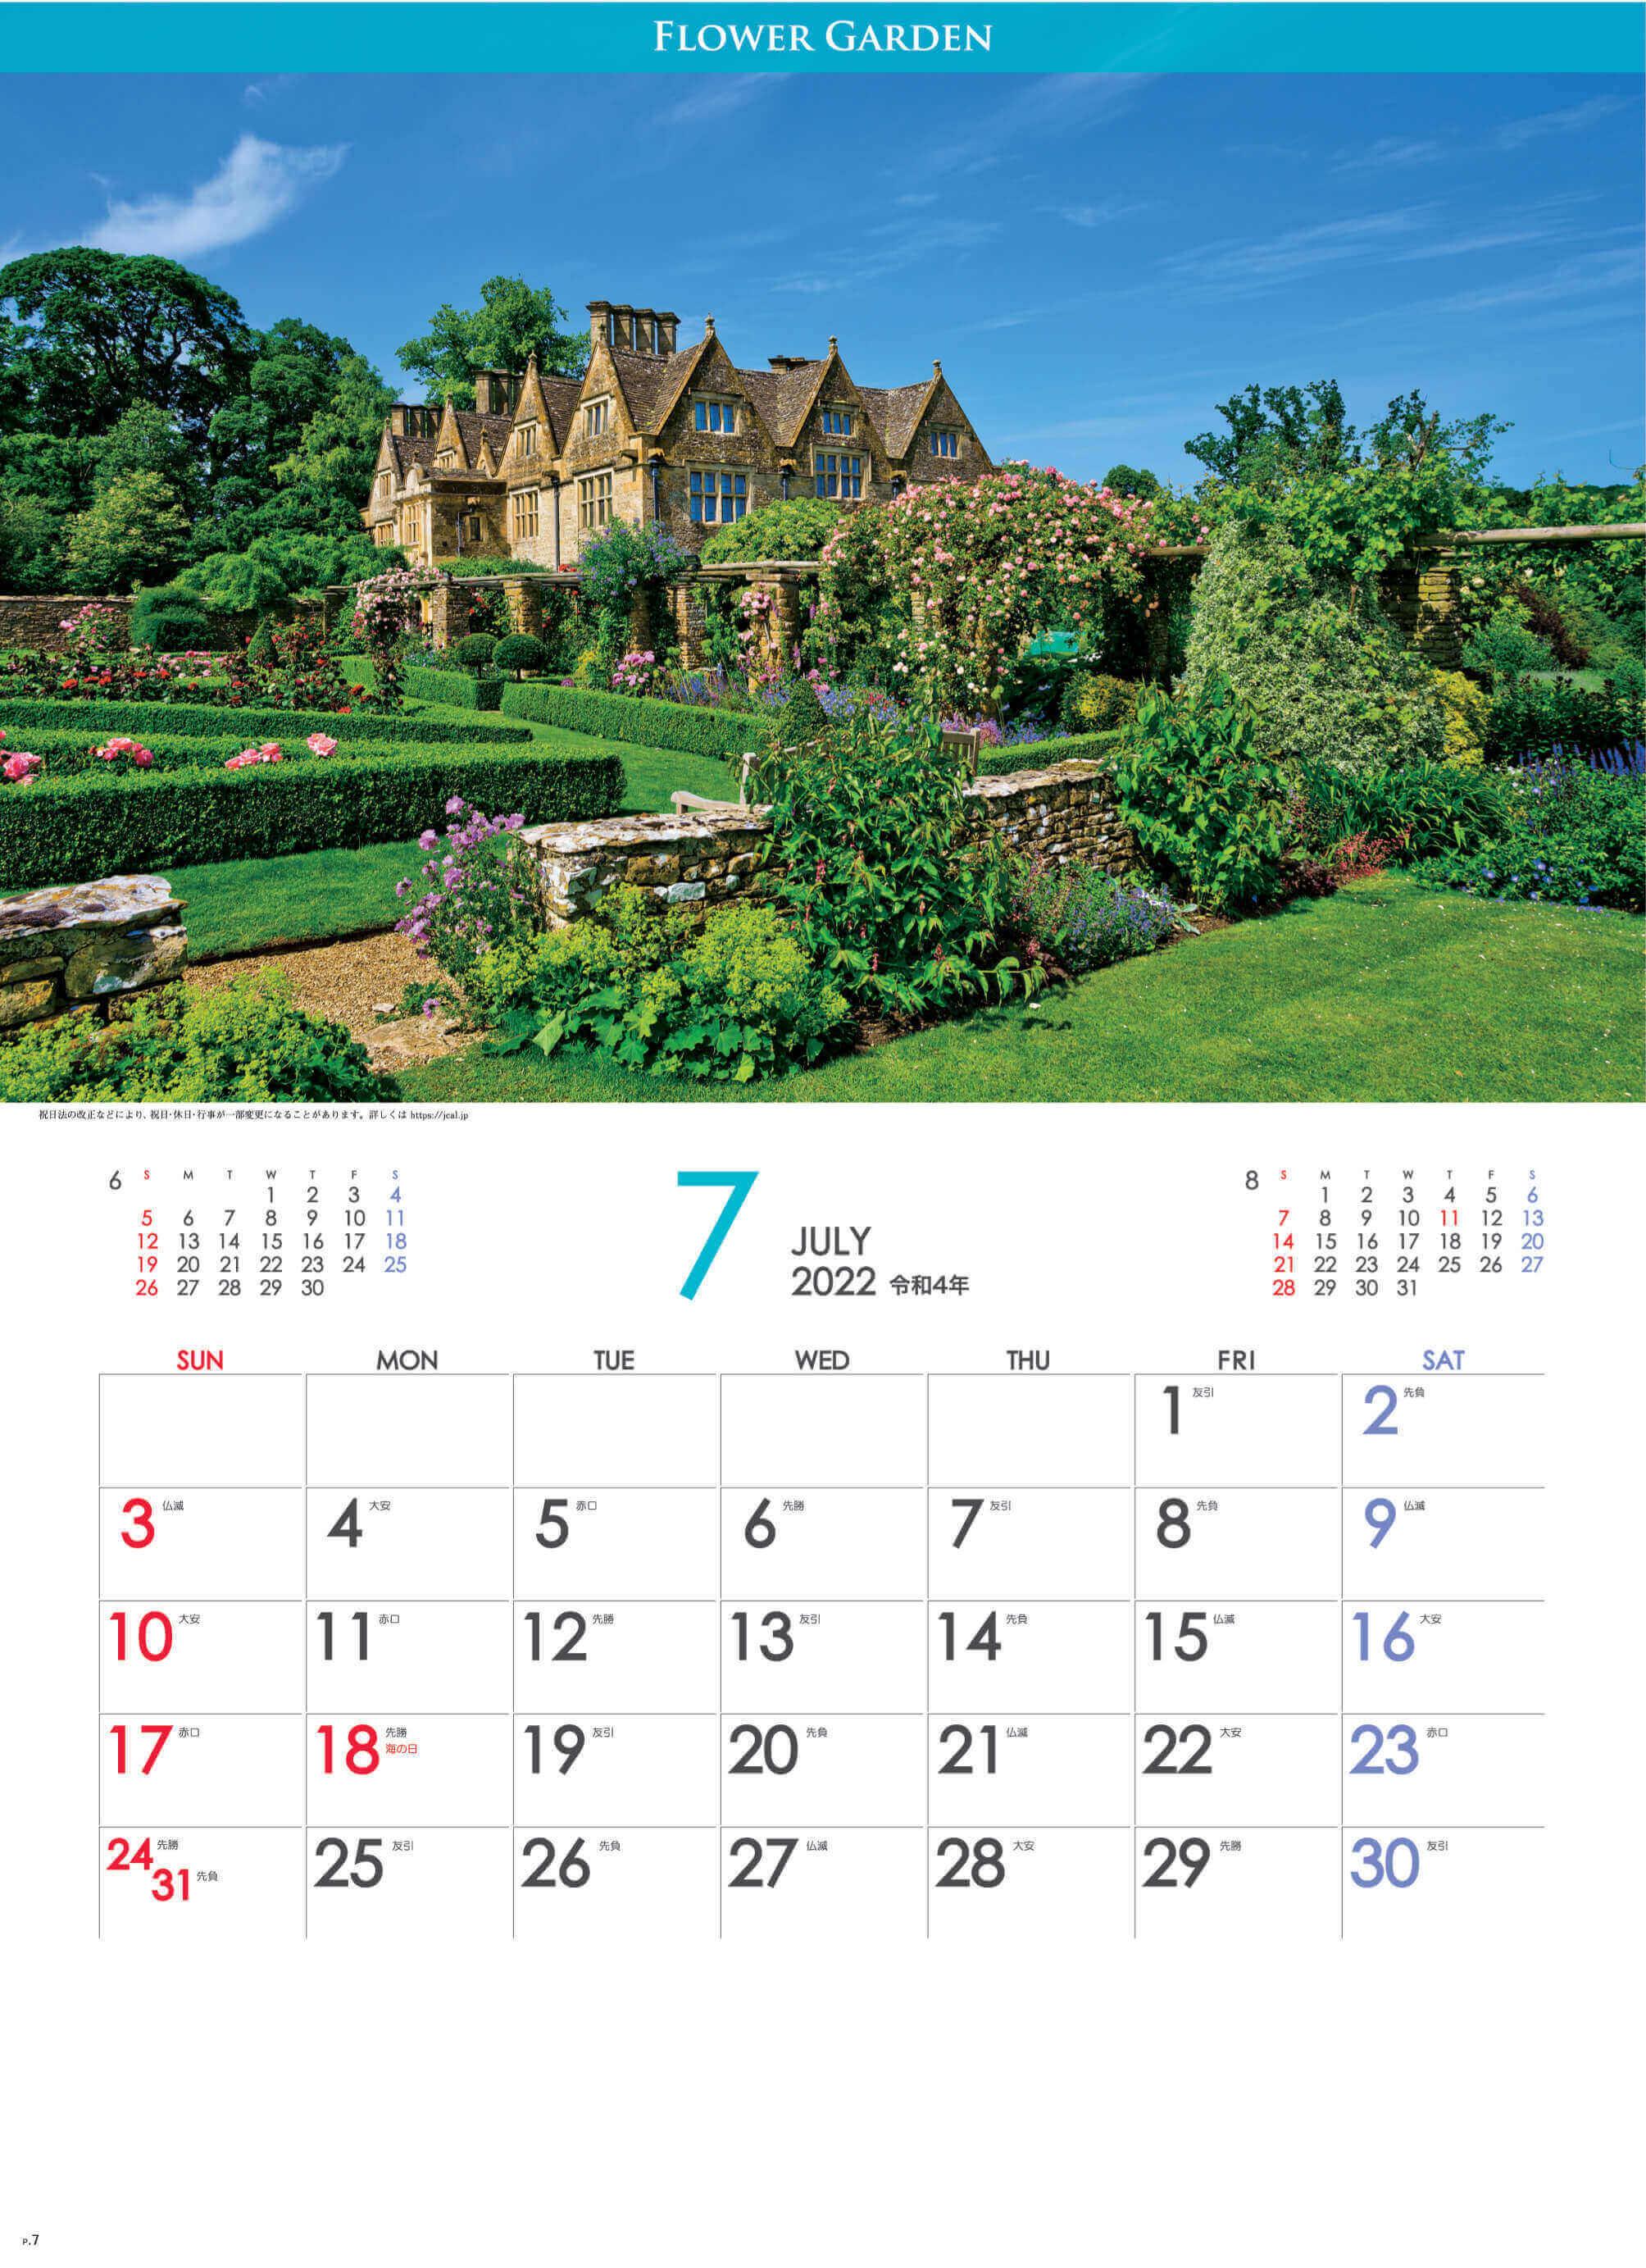 フラワーガーデン 2022年カレンダーの画像